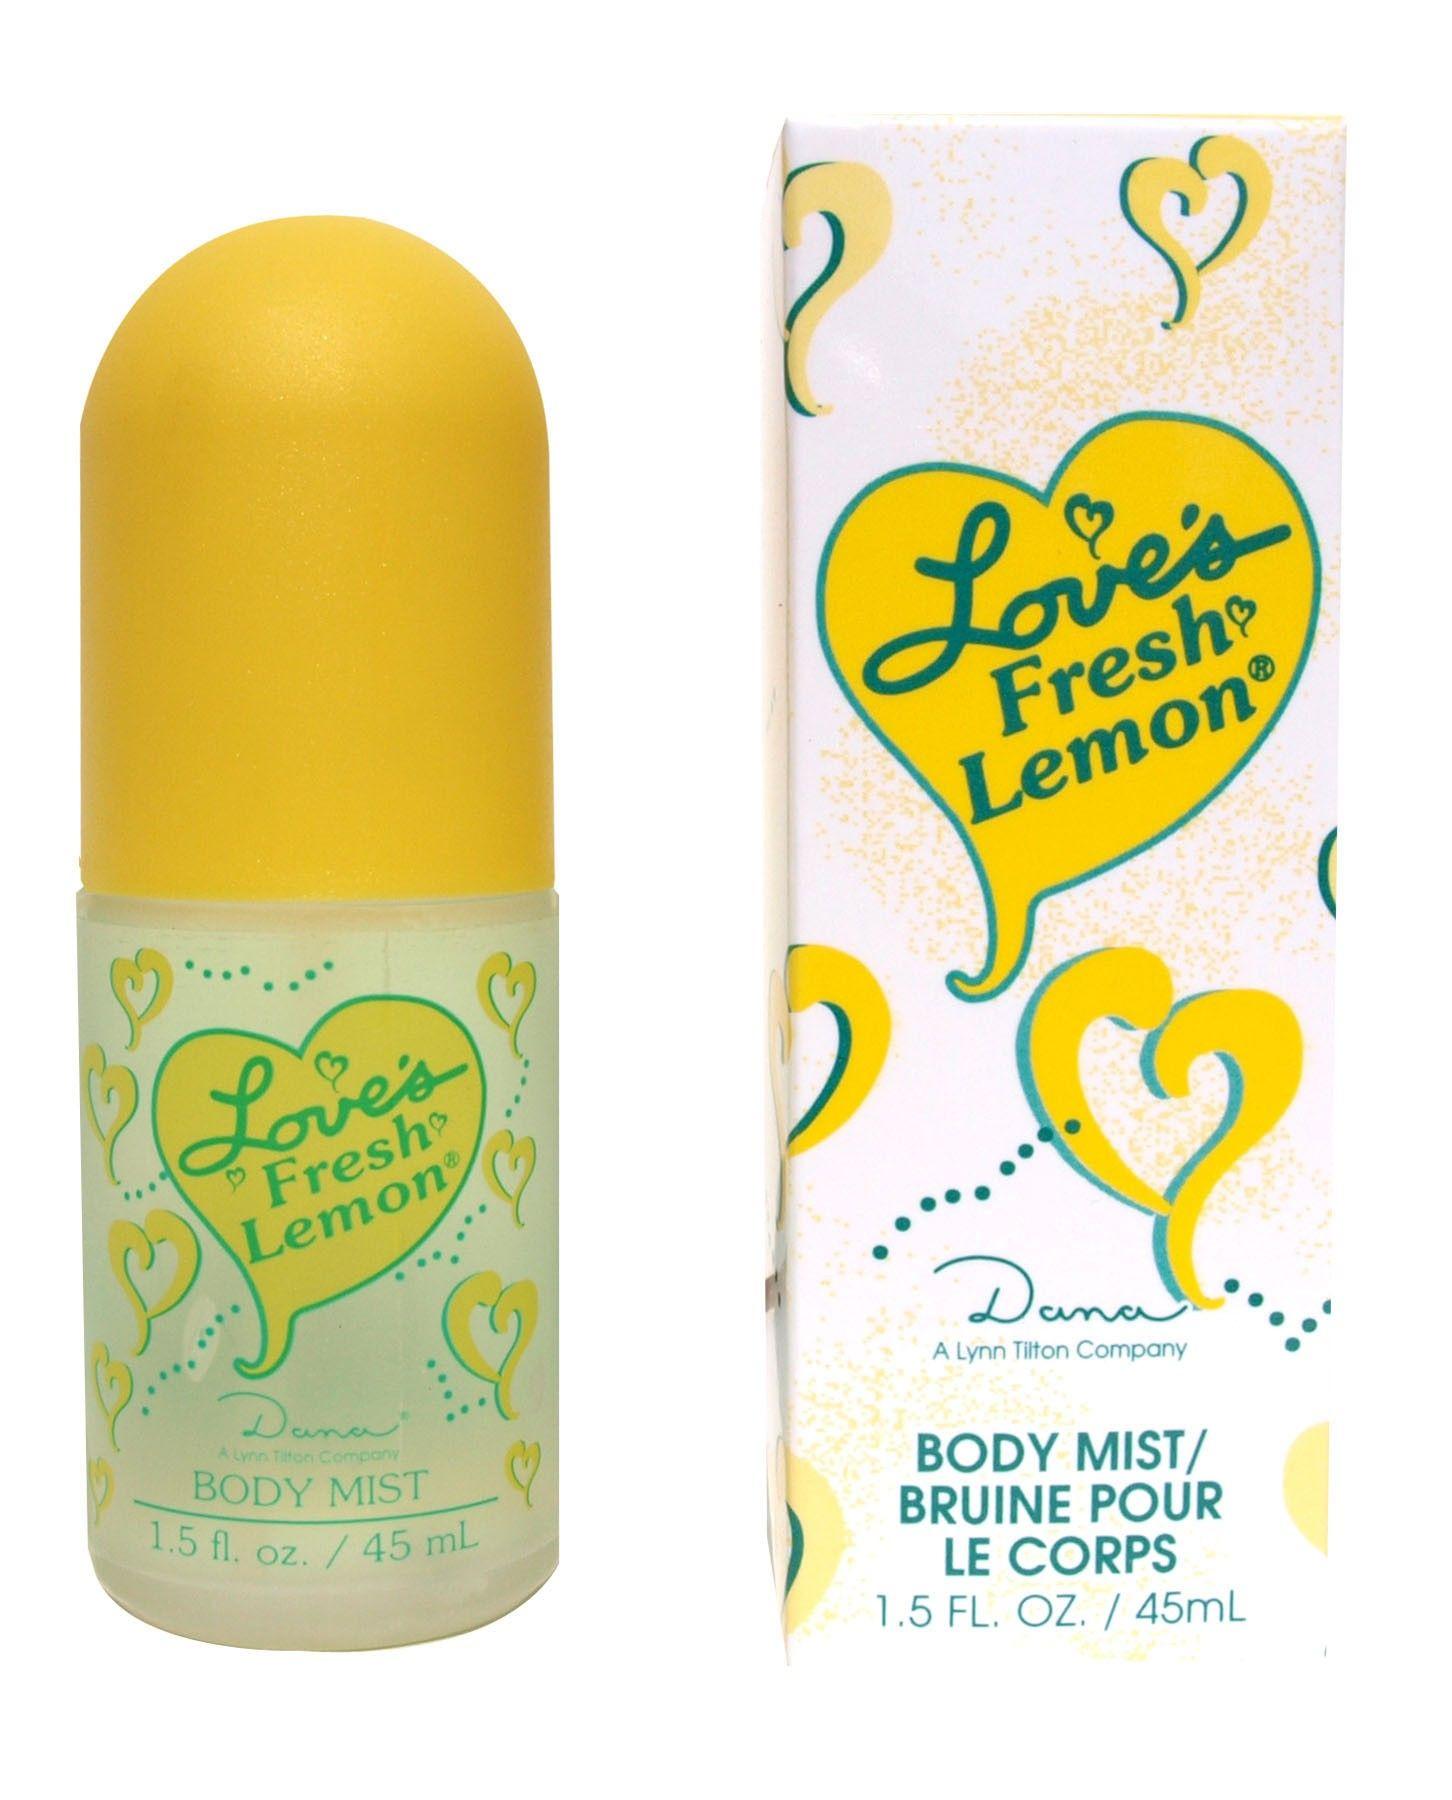 Loves Fresh Lemon Dana